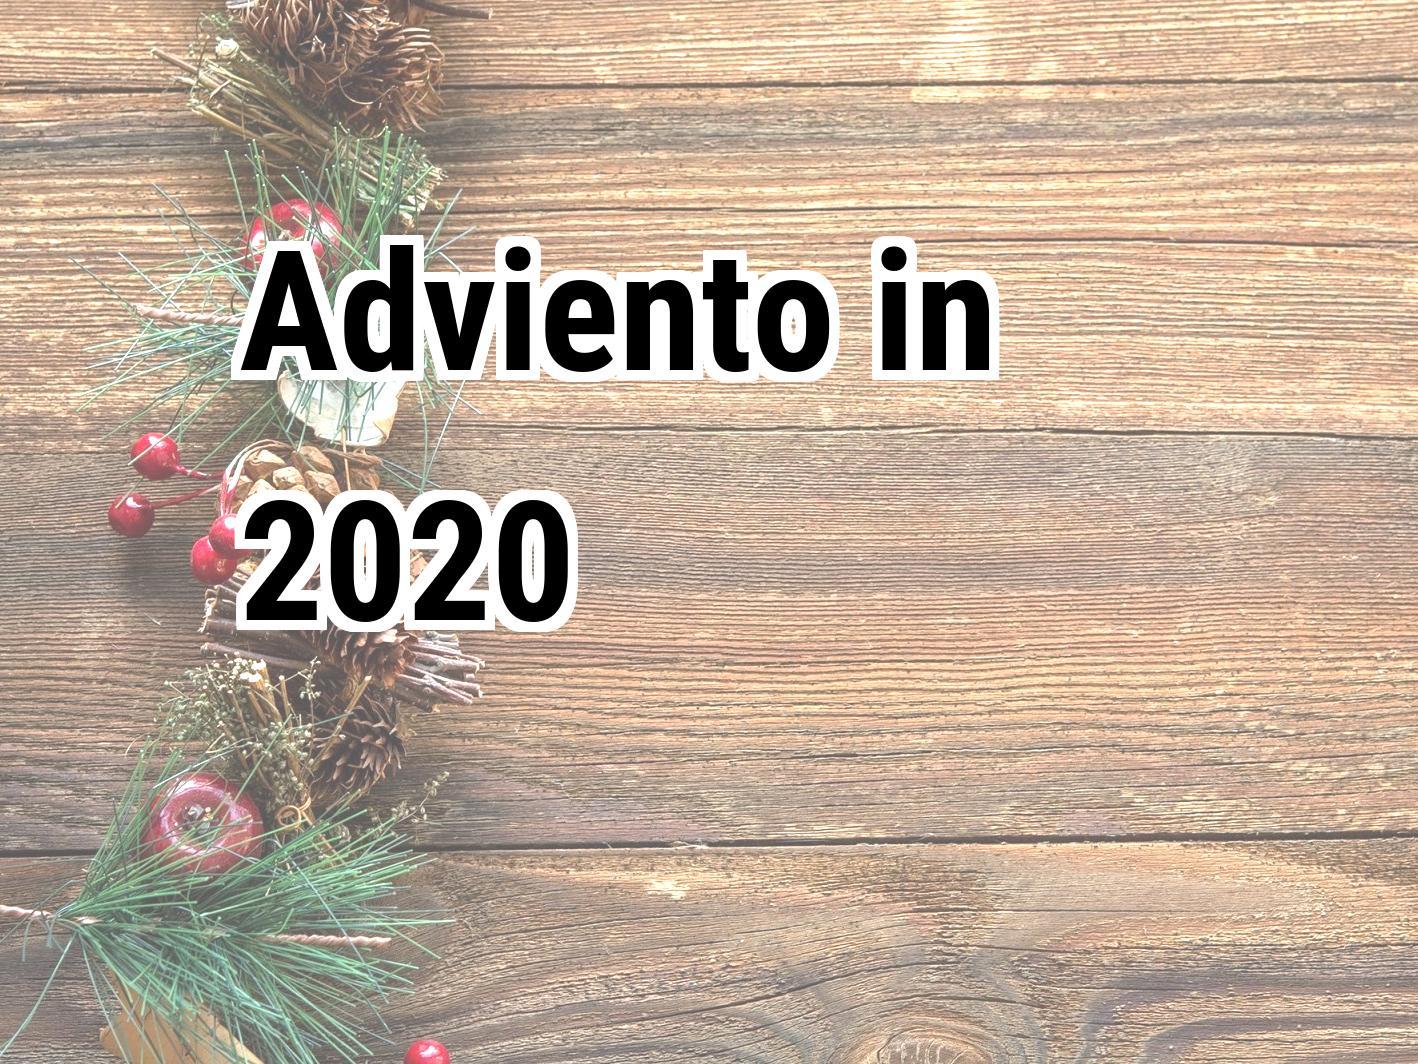 Calendario Adviento 2020.Adviento 2020 Cuando Es Es Adviento En 2020 Espana